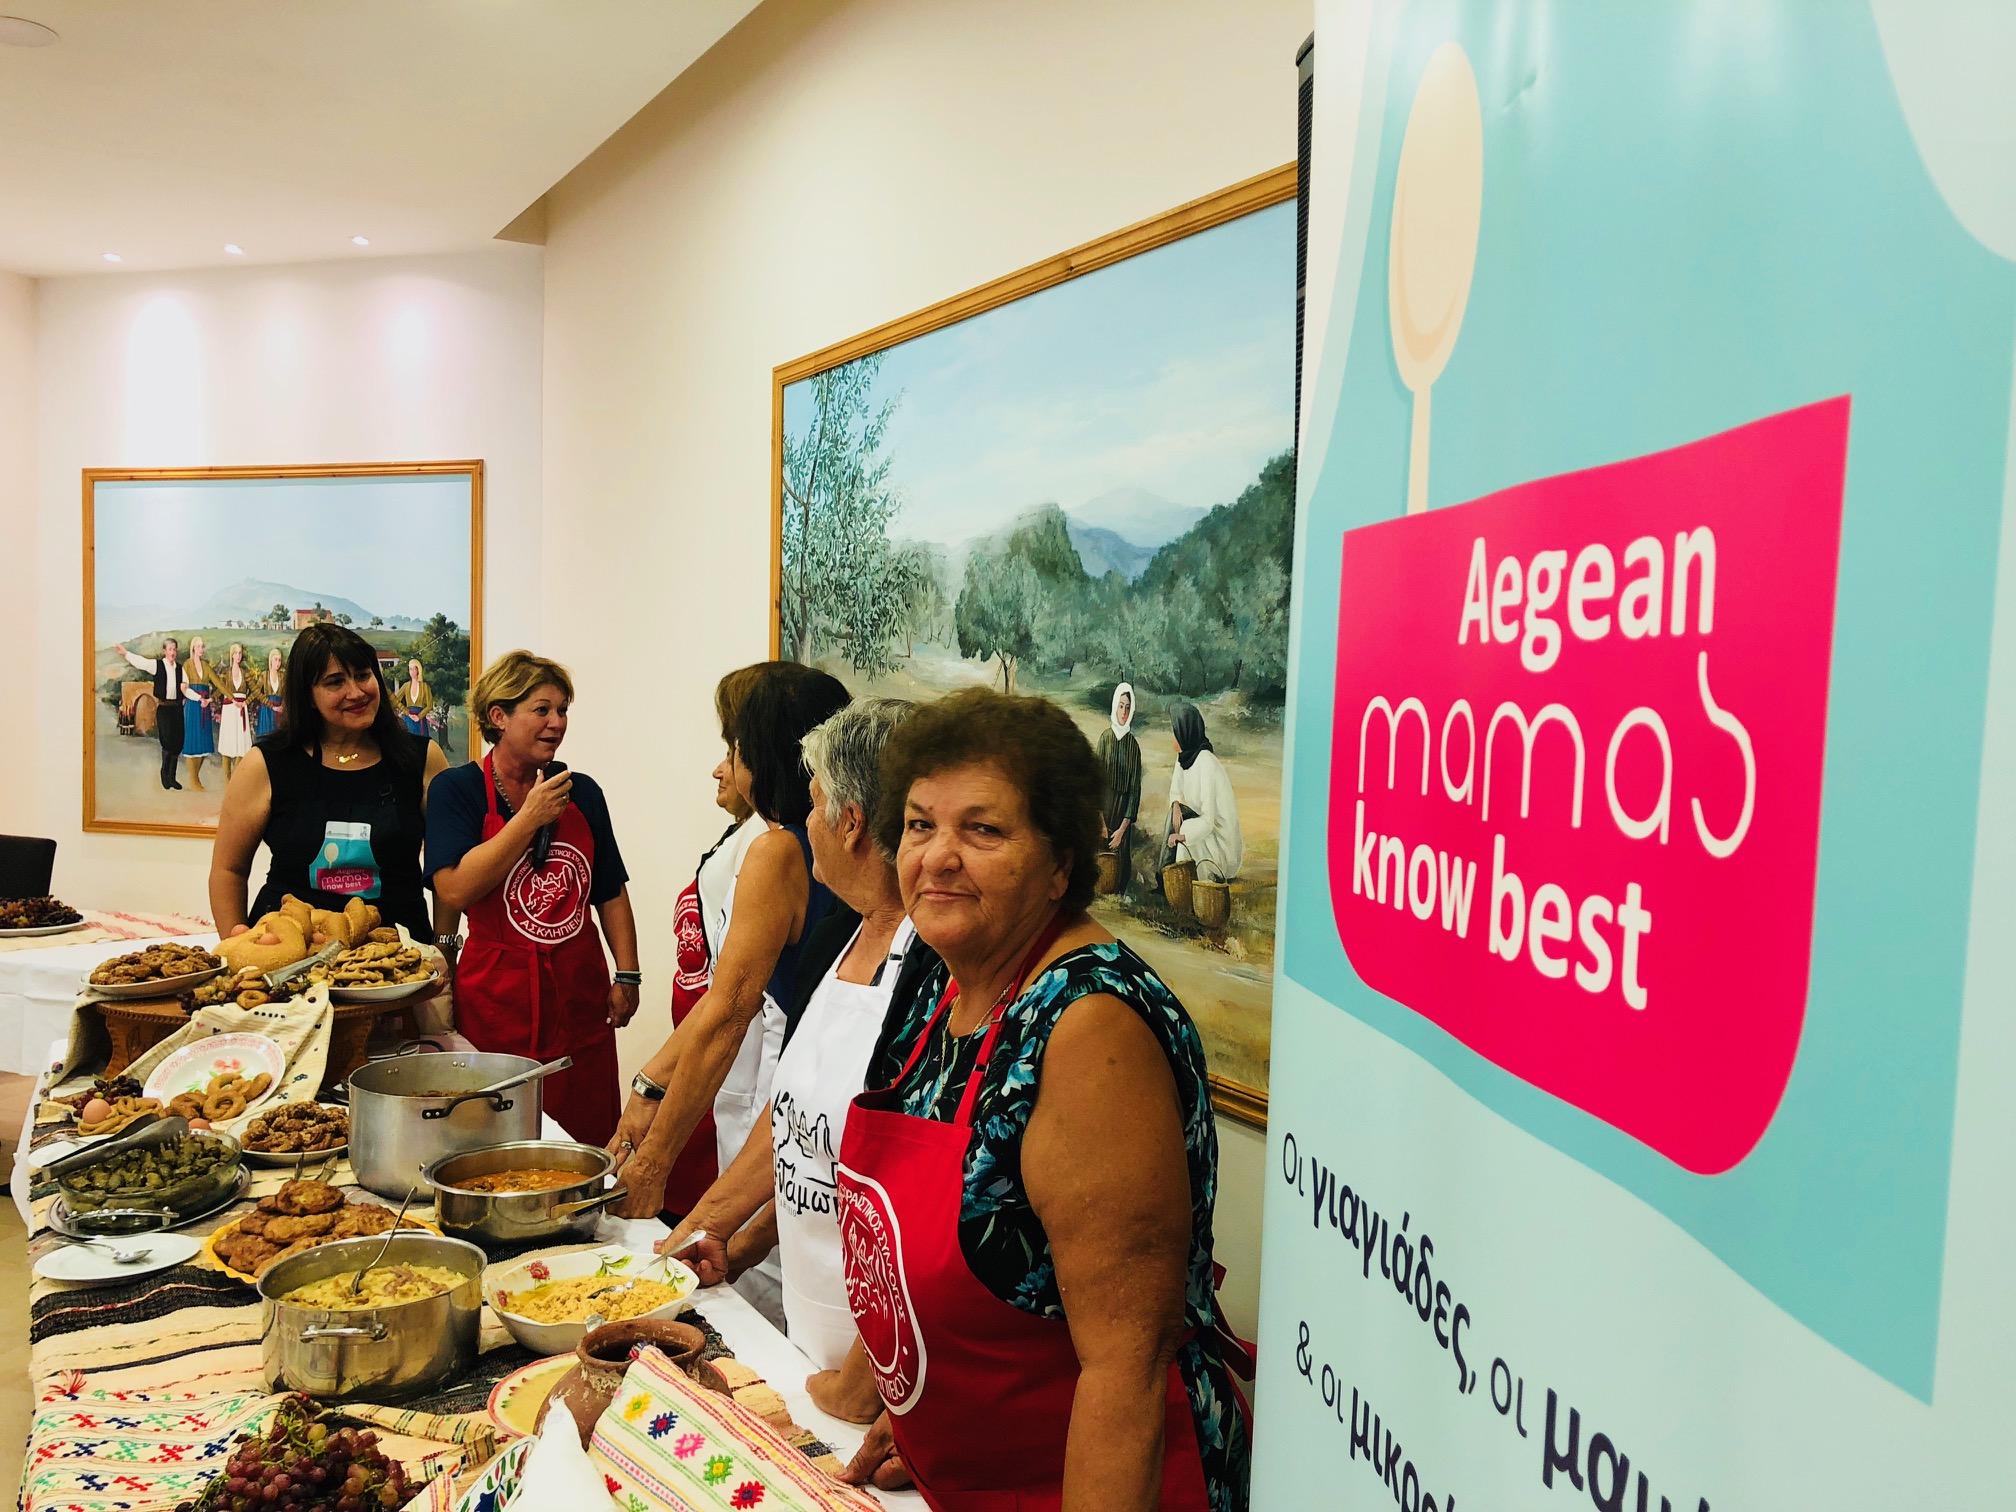 """Με μεγάλη επιτυχία η γιορτή """"Aegean mamas know best"""",  στο Ασκληπειό της Ρόδου-featured_image"""